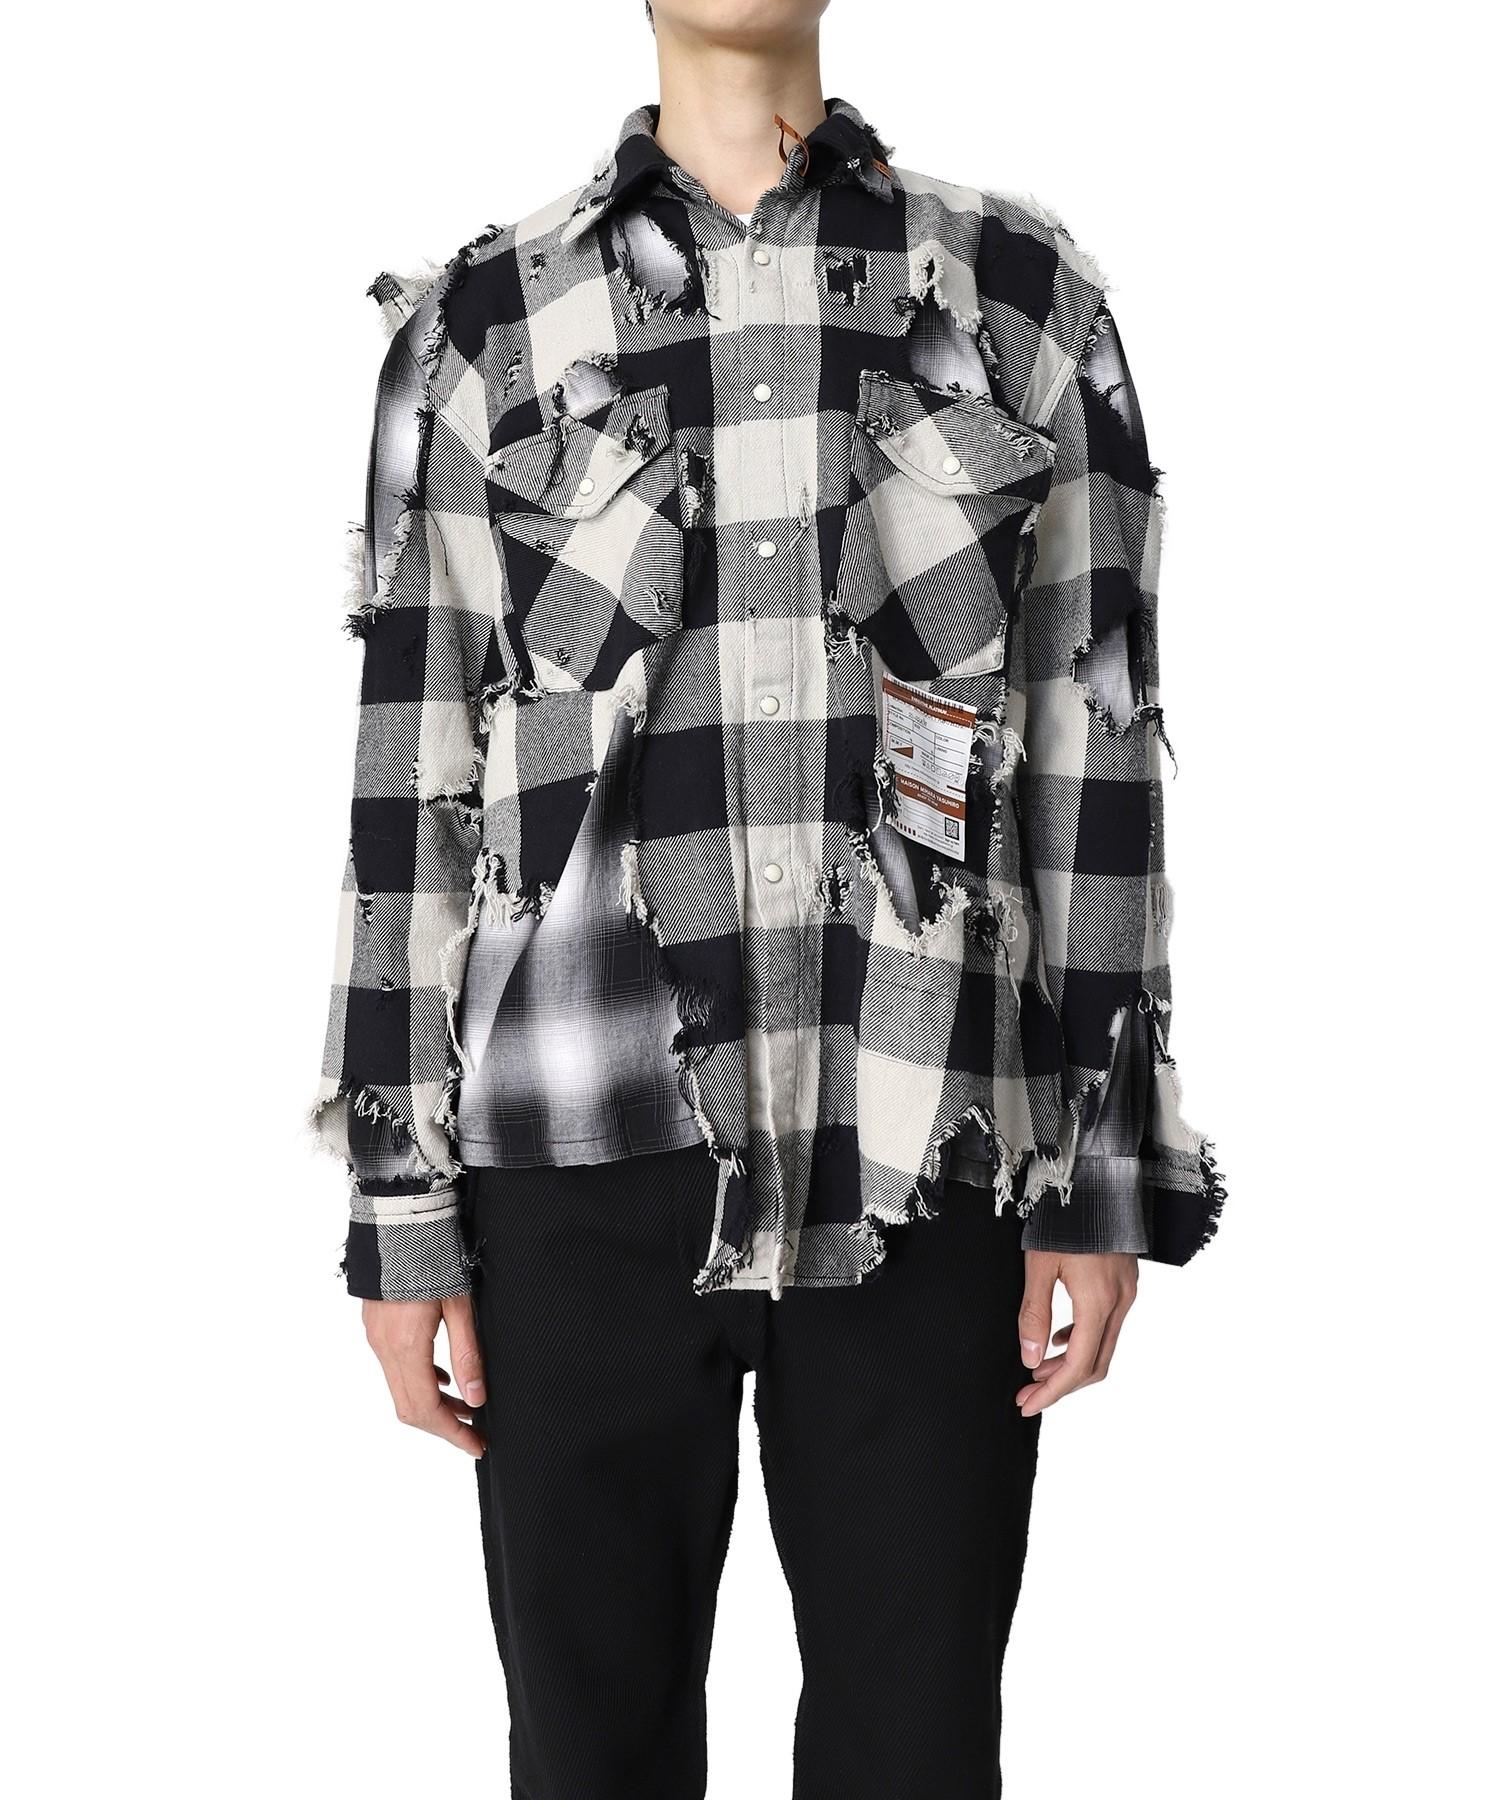 藤ヶ谷太輔 A-studio 衣装 Aスタ Aスタプラス 2021/9/3 Broken Layered Check Shirt Maison MIHARA YASUHIRO チェックシャツ